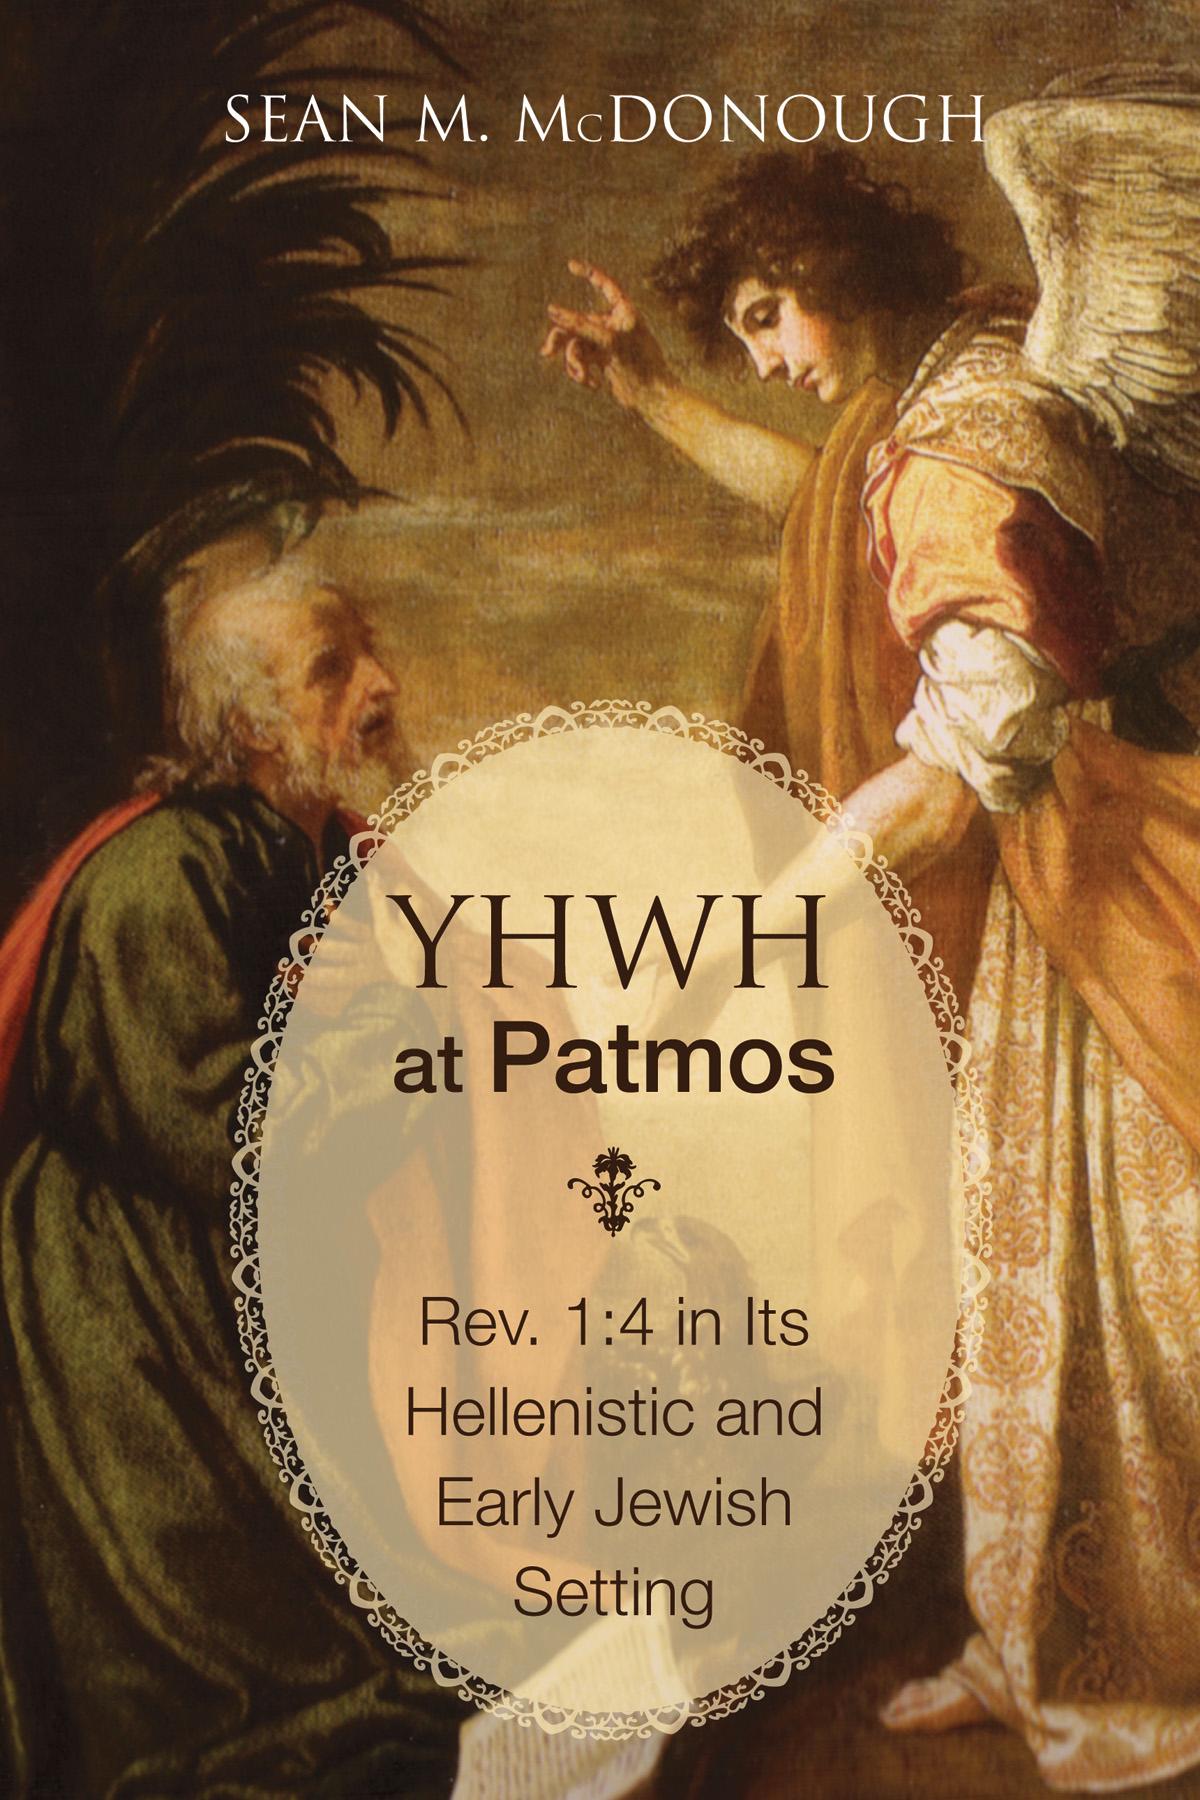 YHWH at Patmos